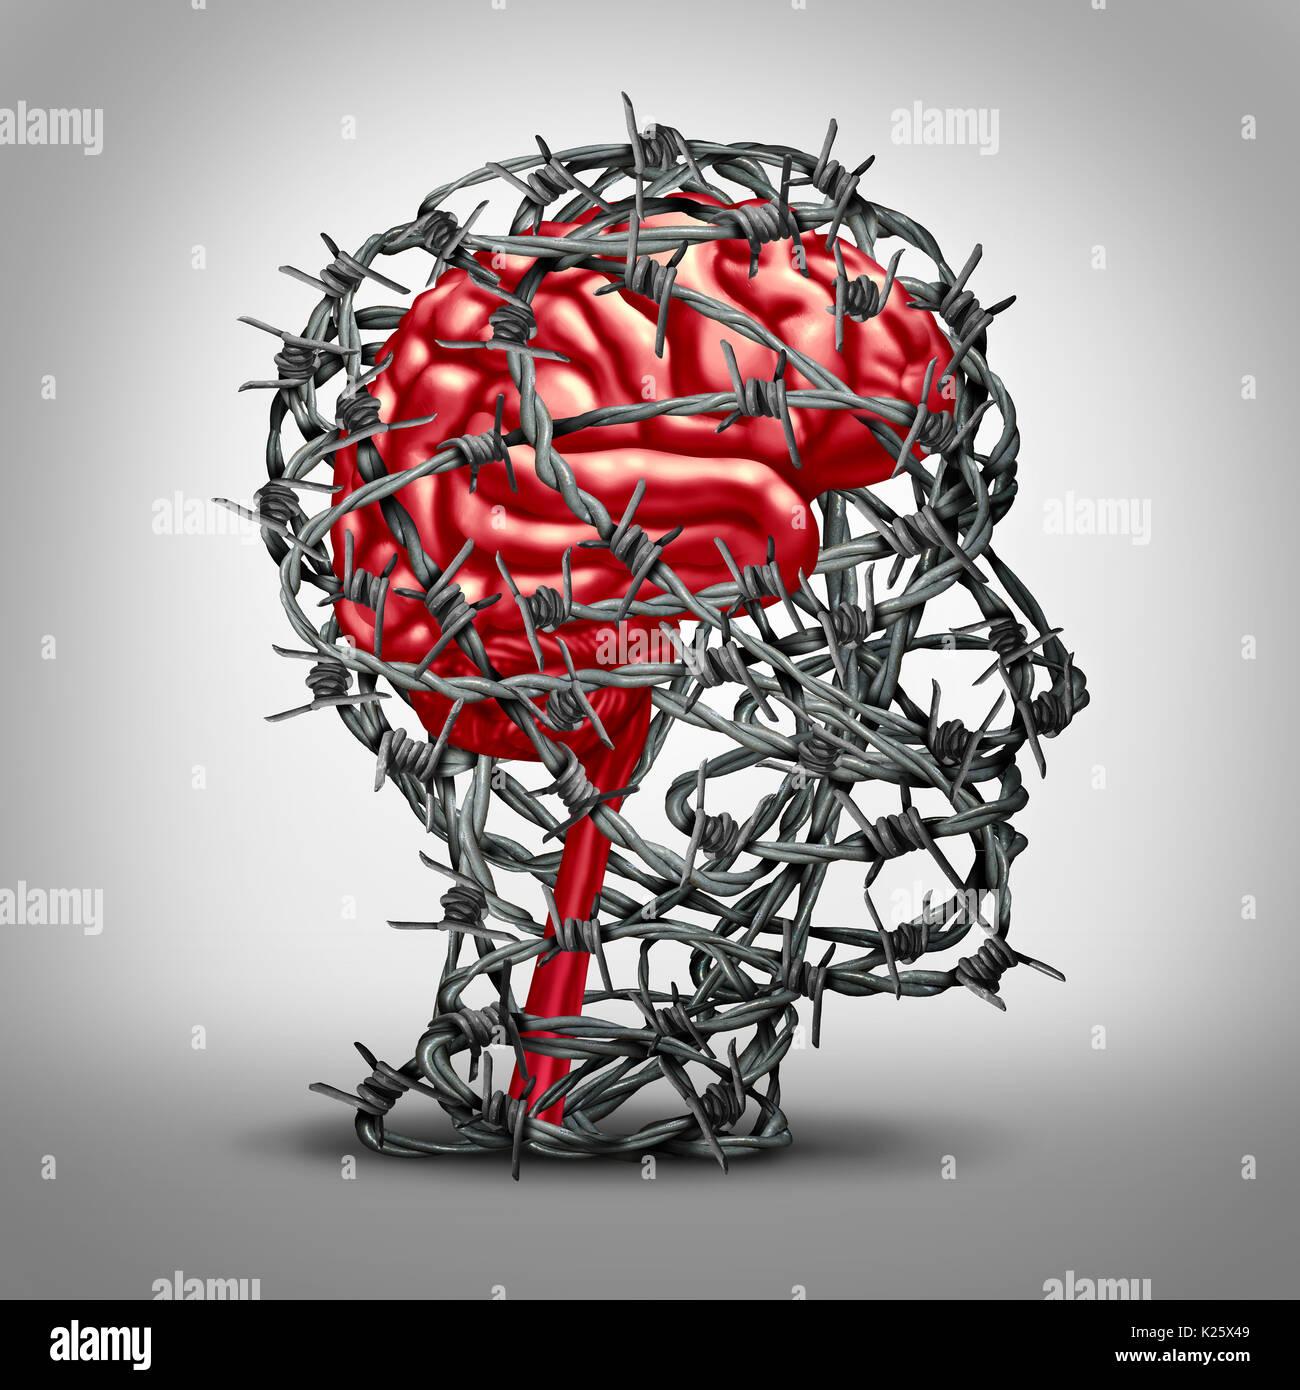 Concepto de protección cerebral y proteger la mente como un icono de la medicina la salud mental con la idea de un órgano de pensamiento humano protegido por alambre de púas de metal. Imagen De Stock